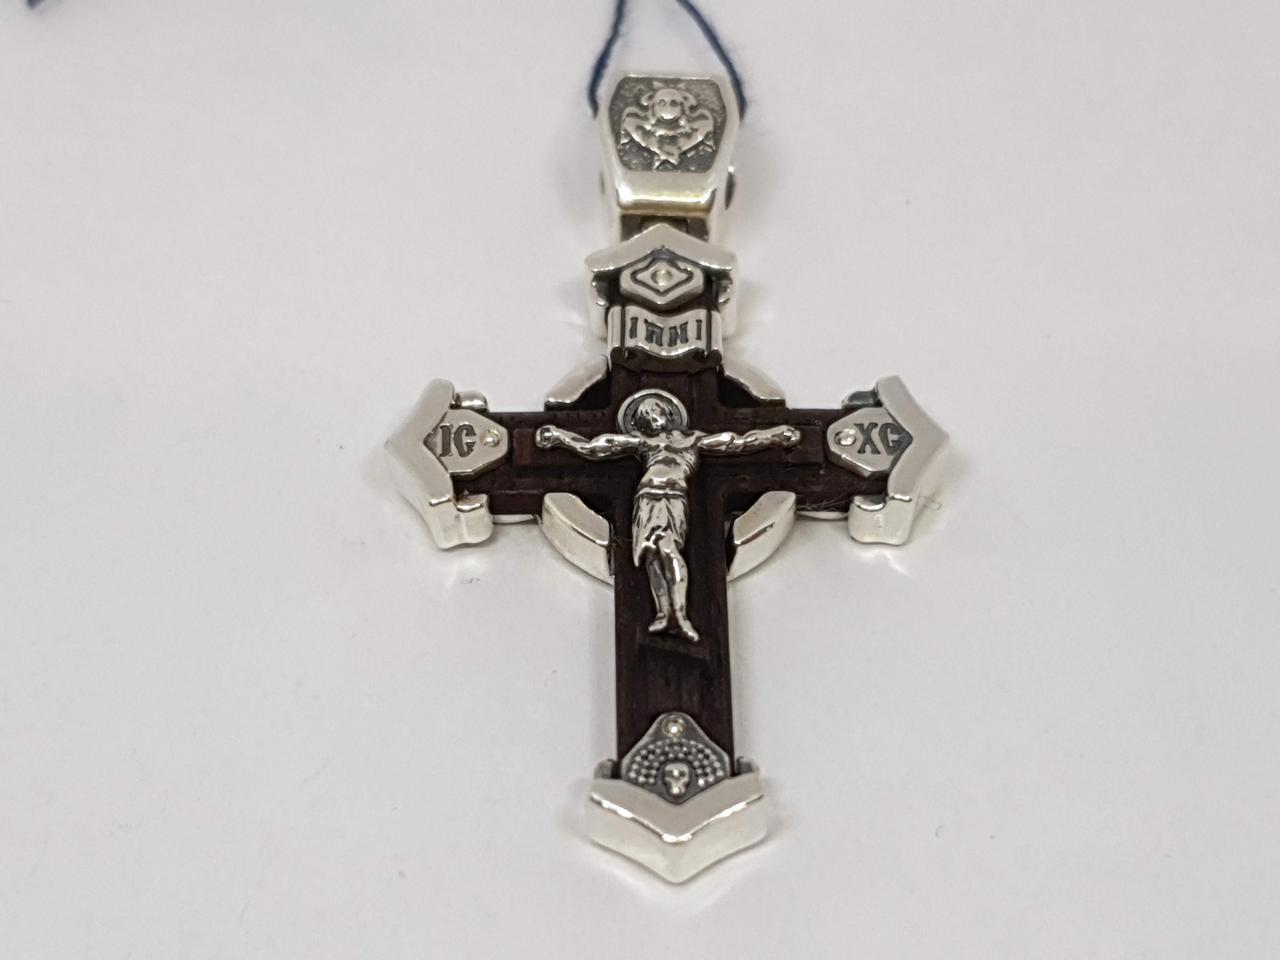 Серебряный крест Распятие Христа с эбеновым деревом. Артикул 2052